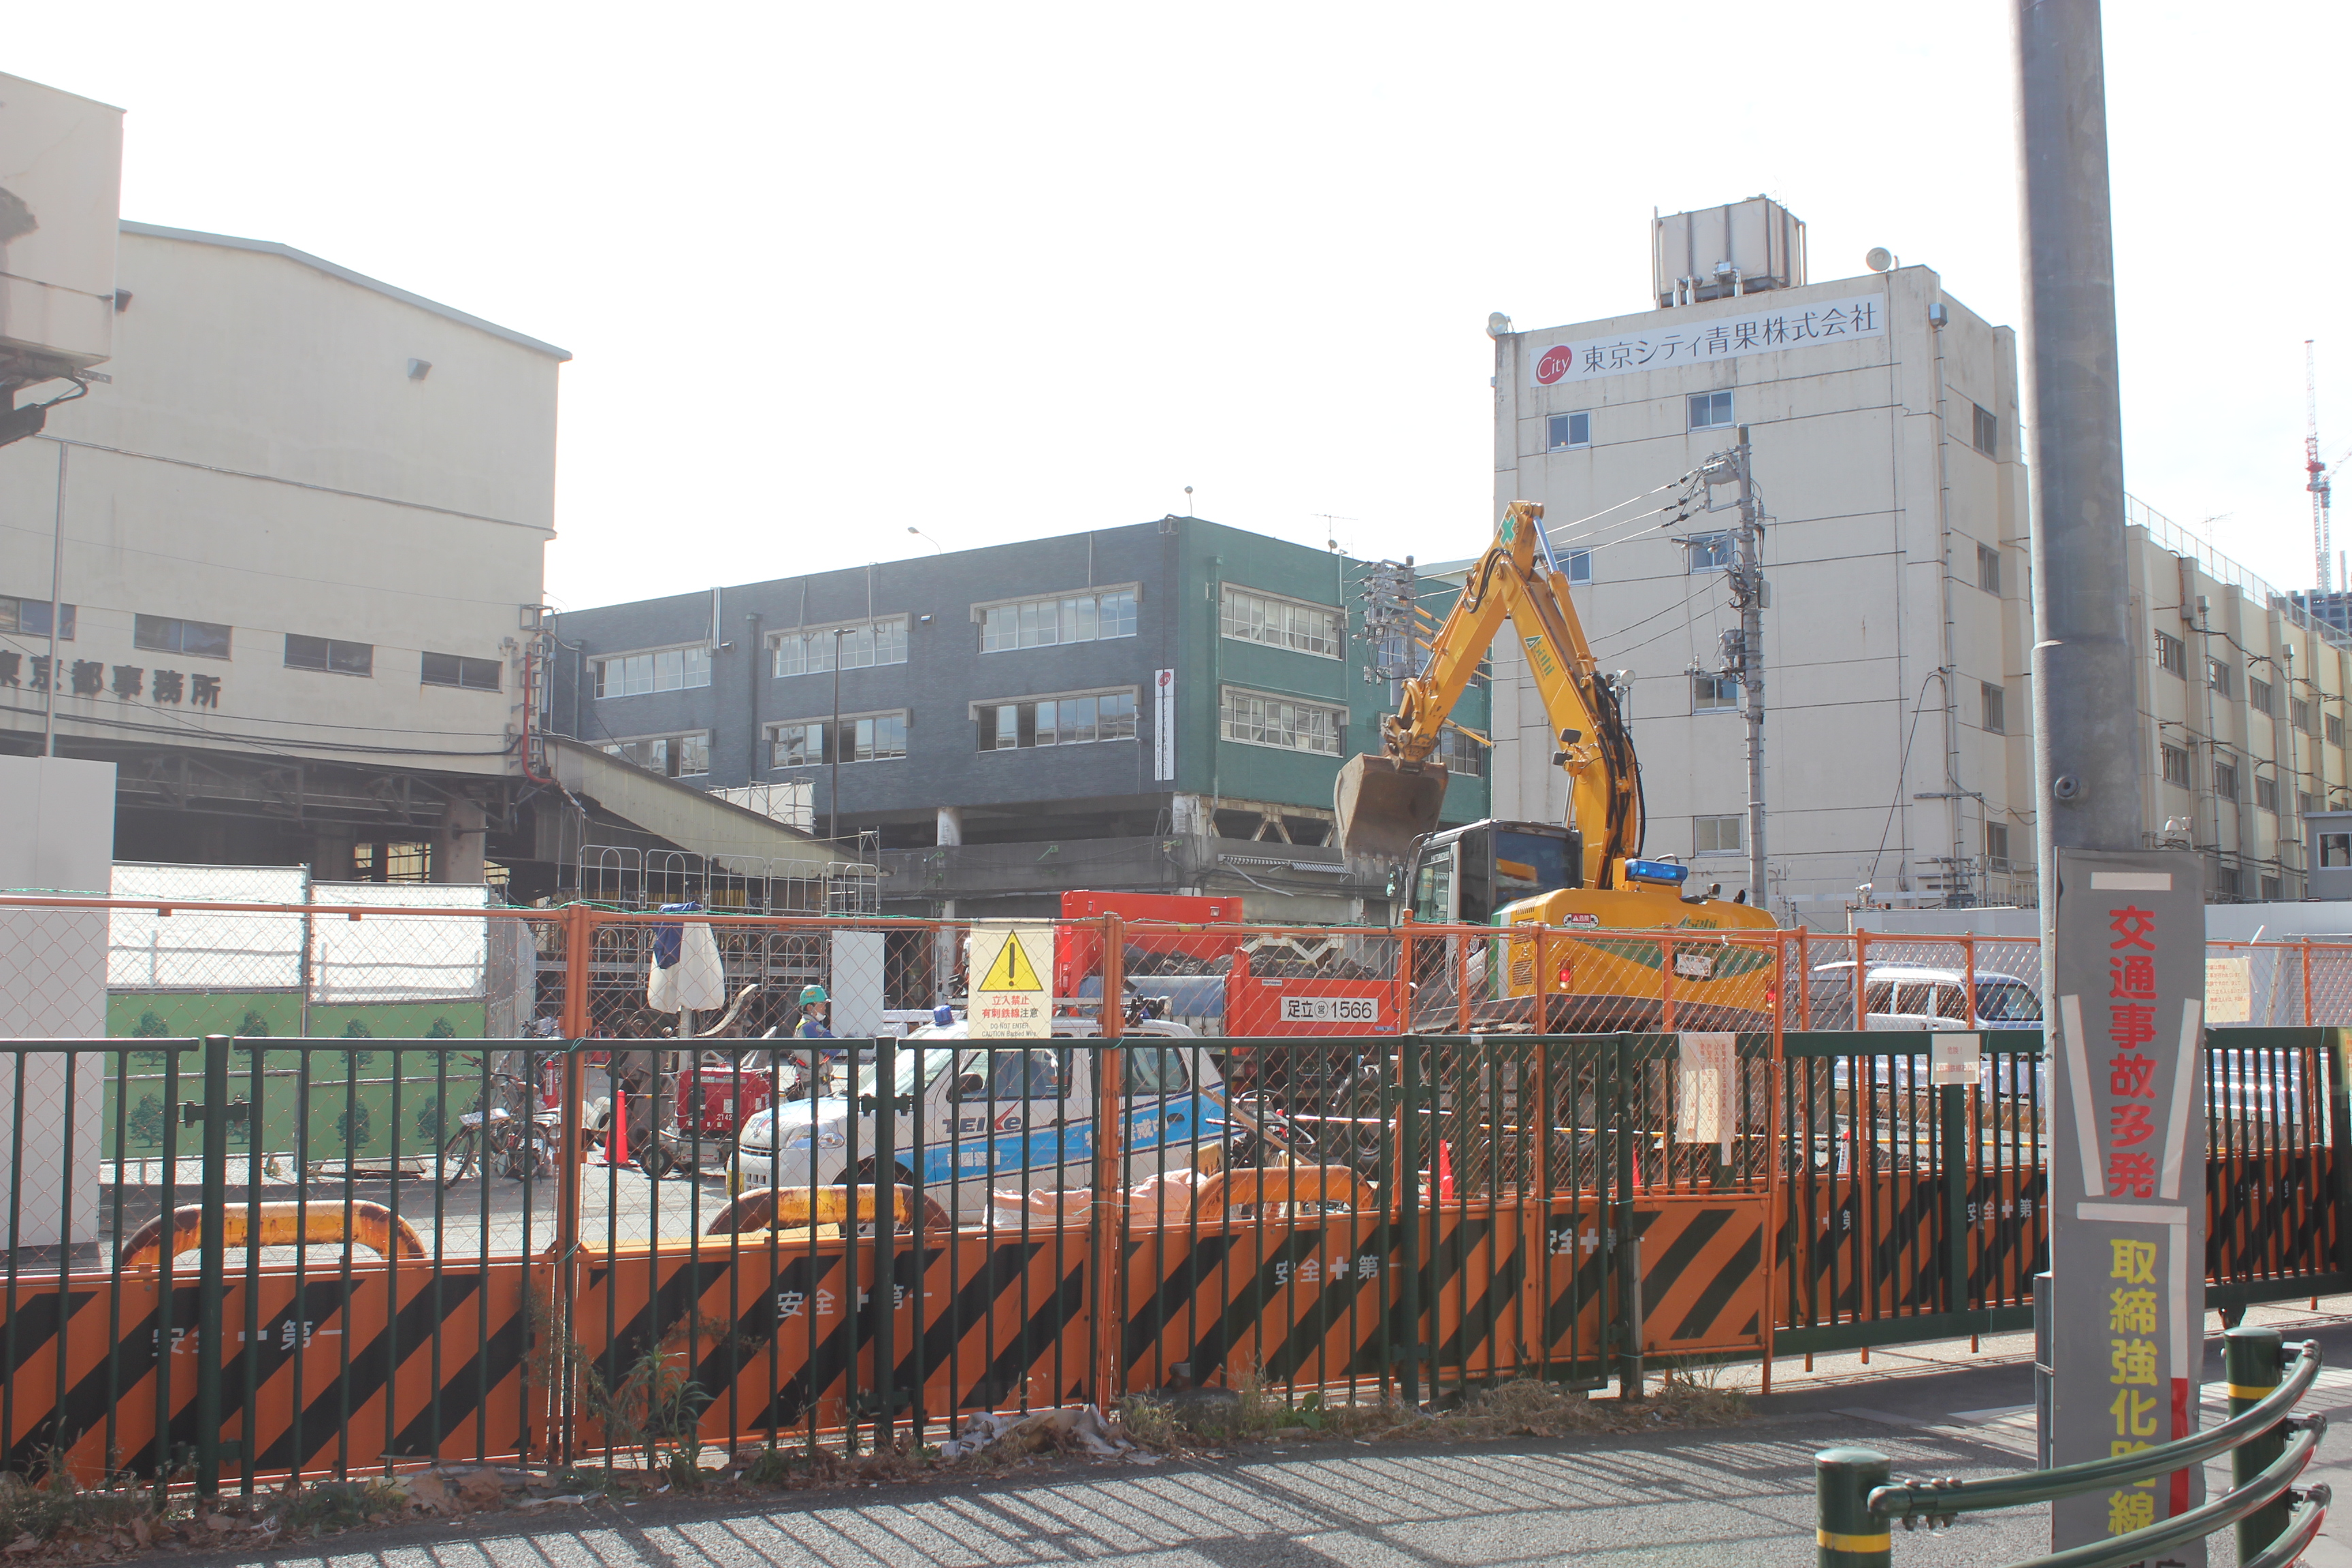 解体工事が始まった築地場外市場